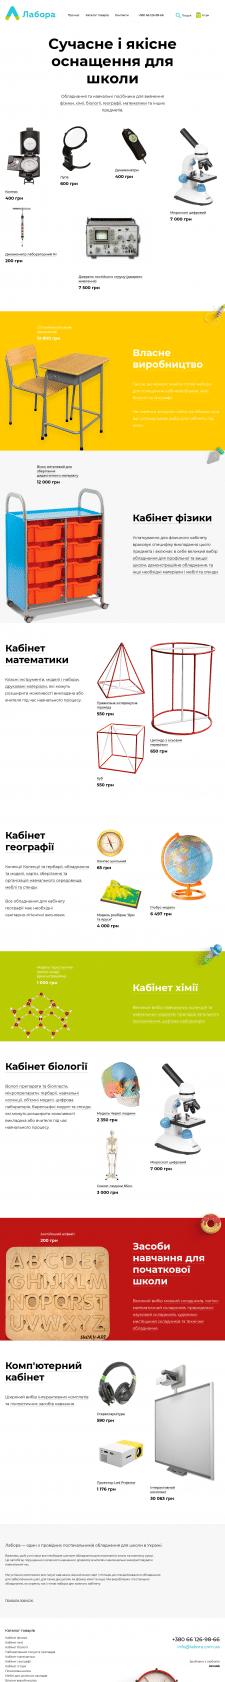 Текст на головну сторінку (шкільне обладнання)